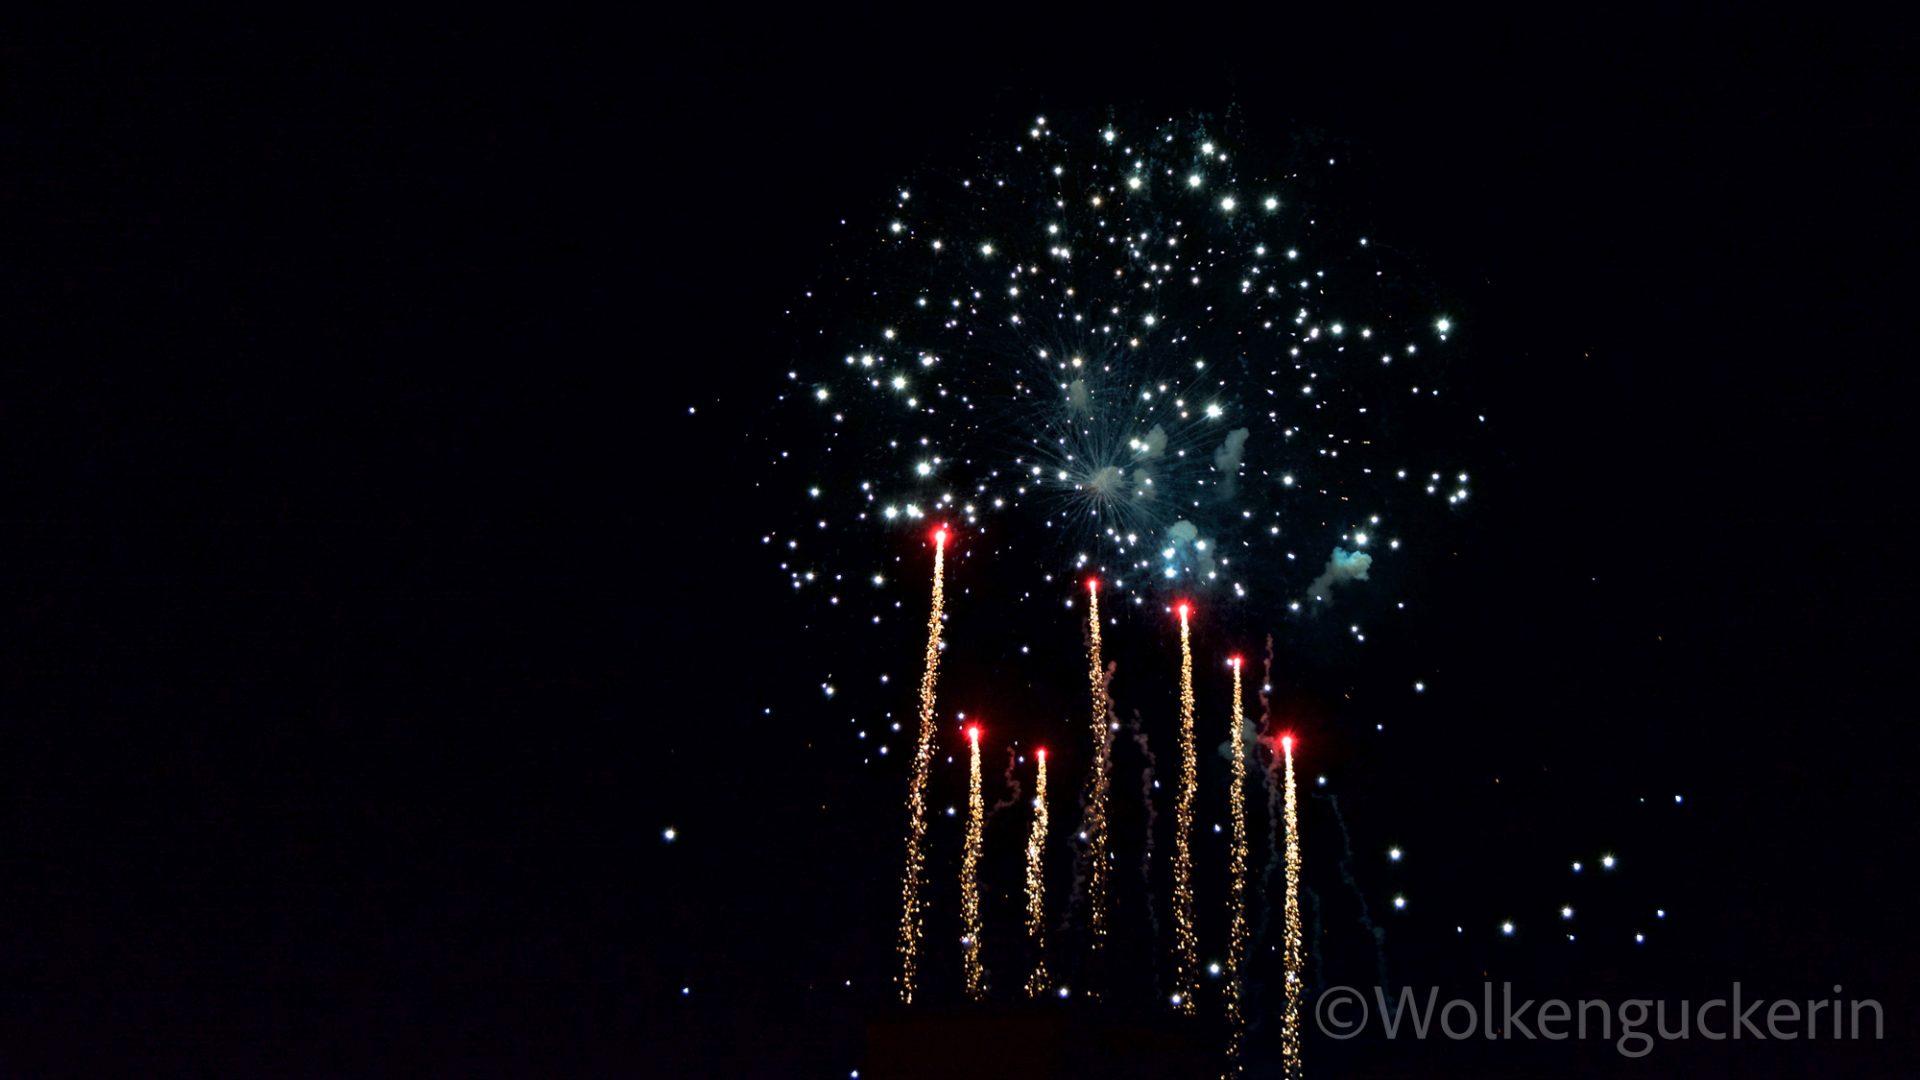 Sieben aufsteigende Raketen am schwarzen Nachthimmel. Dahinter leuchten bereits explodierte Feuerwerksraketen.